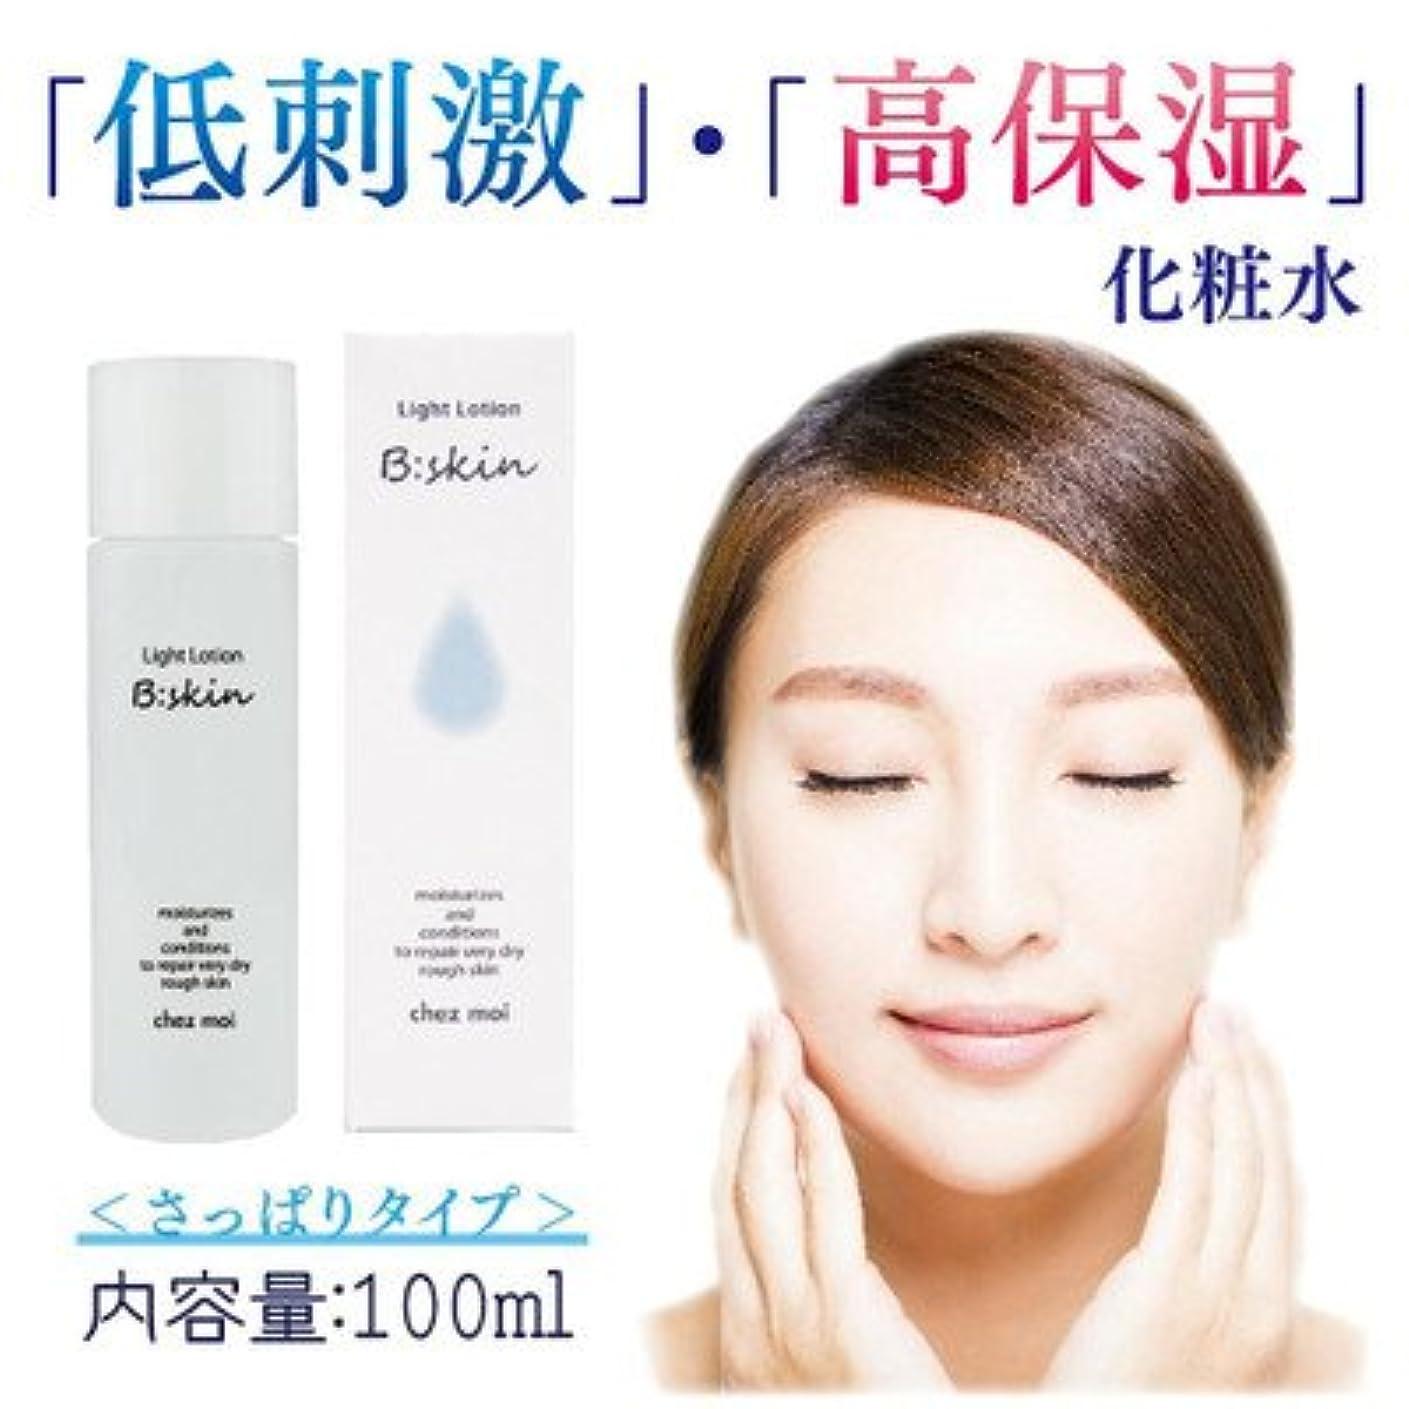 オートマトン取り壊す管理する低刺激 高保湿 さっぱりタイプの化粧水 B:skin ビースキン Light Lotion ライトローション さっぱりタイプ 化粧水 100mL